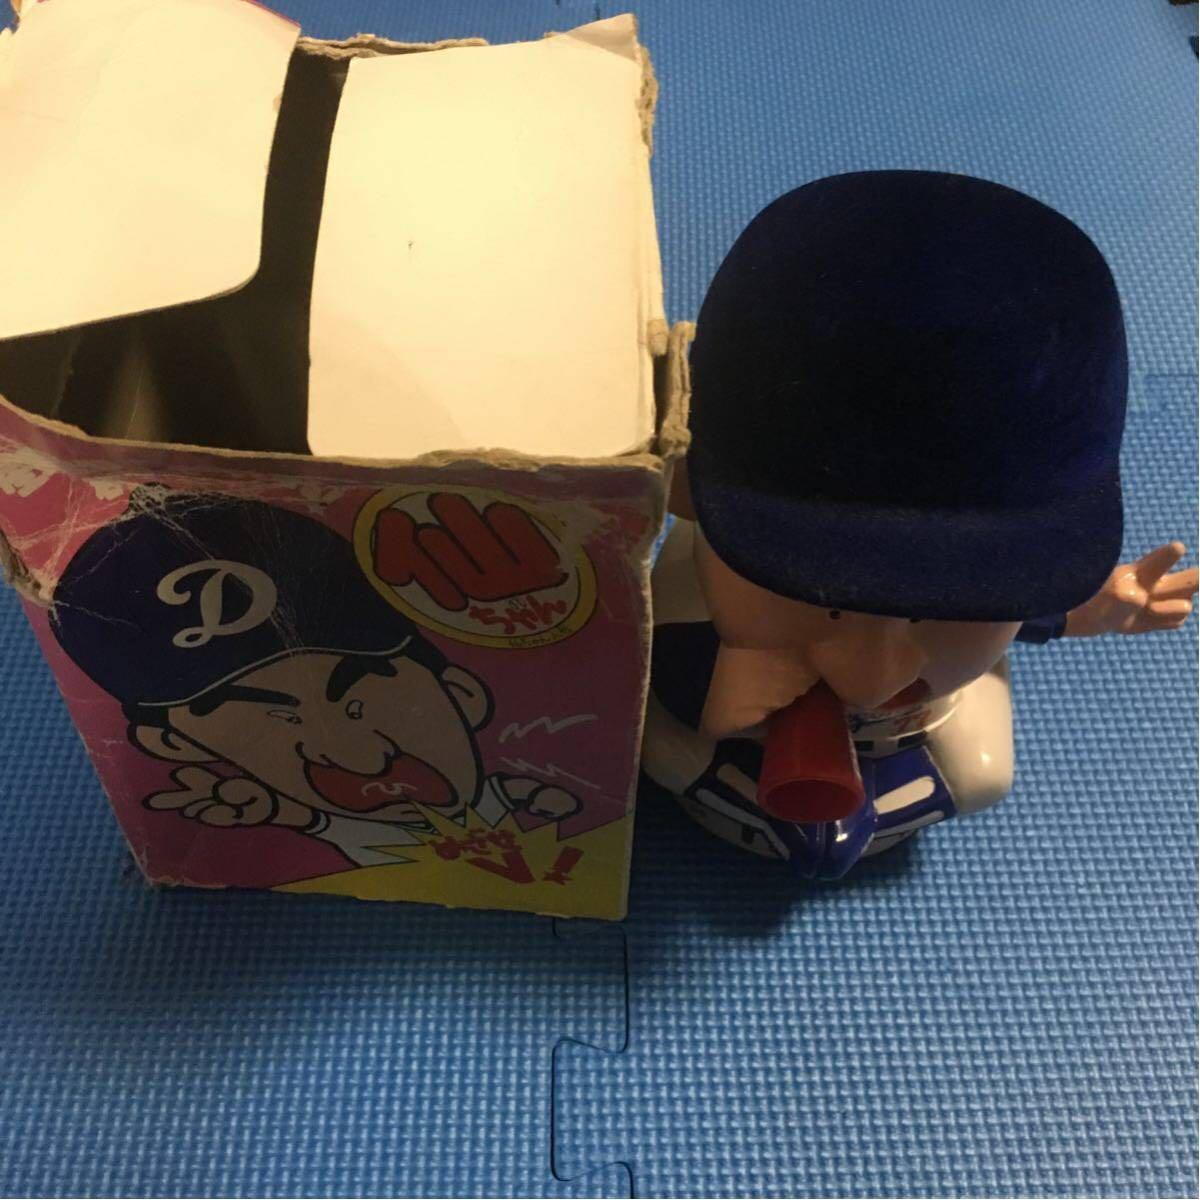 星野仙一 仙ちゃん人形 中日ドラゴンズ 動作 音声 確認済み インテリア 玩具 レア 貴重_画像2